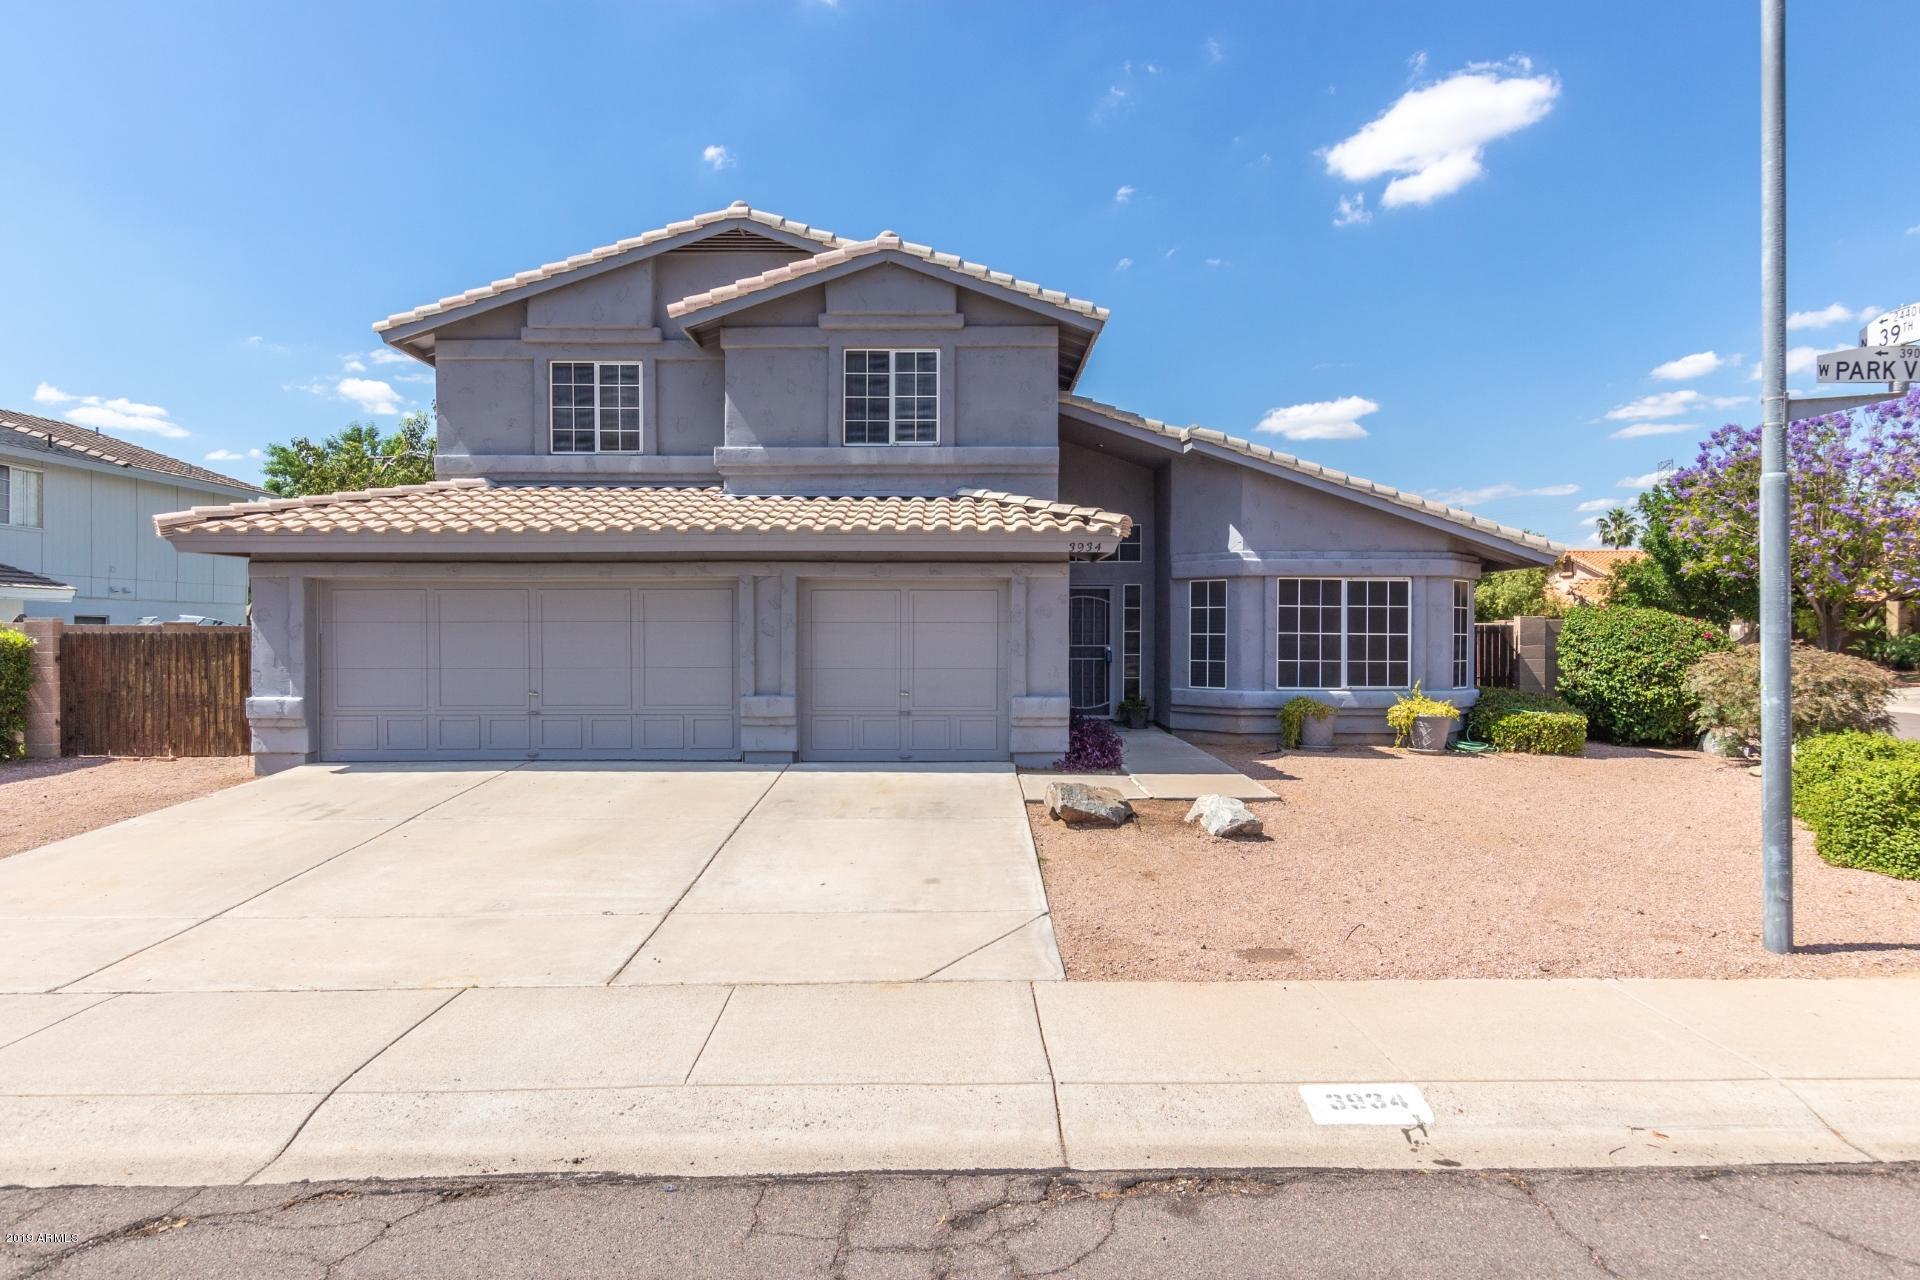 Photo of 3934 W PARK VIEW Lane, Glendale, AZ 85310